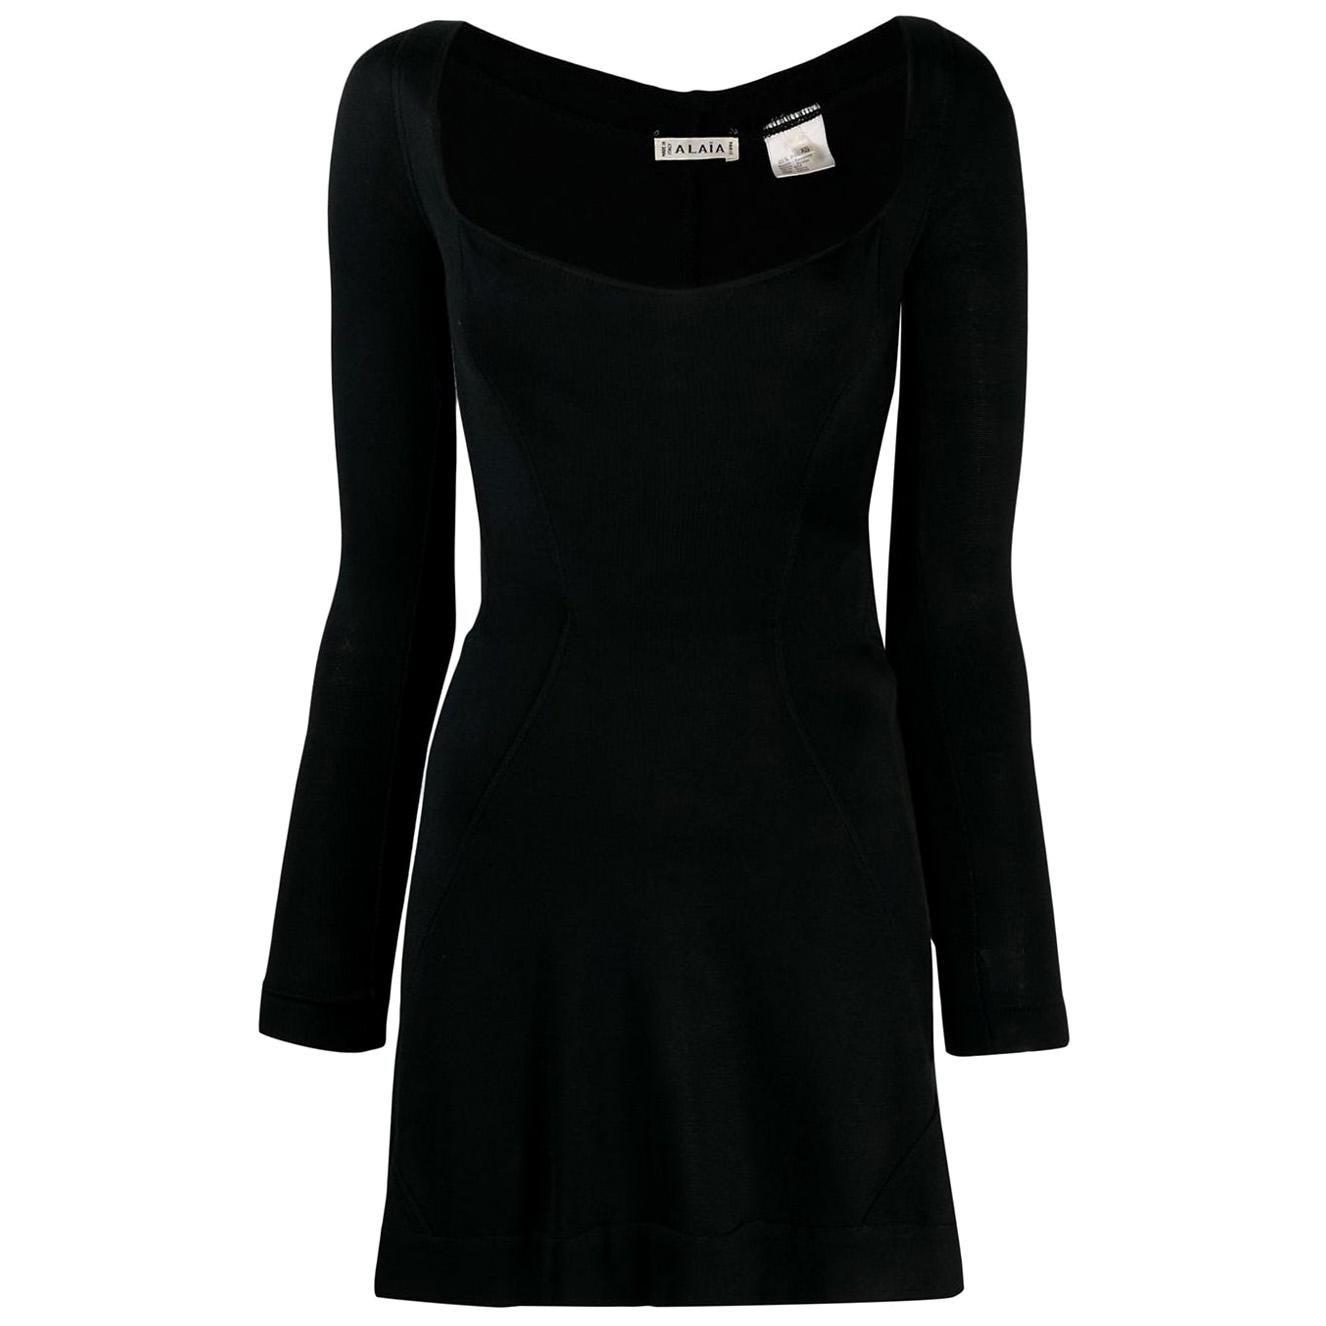 Azzedine Alaia Iconic Black Mini Dress